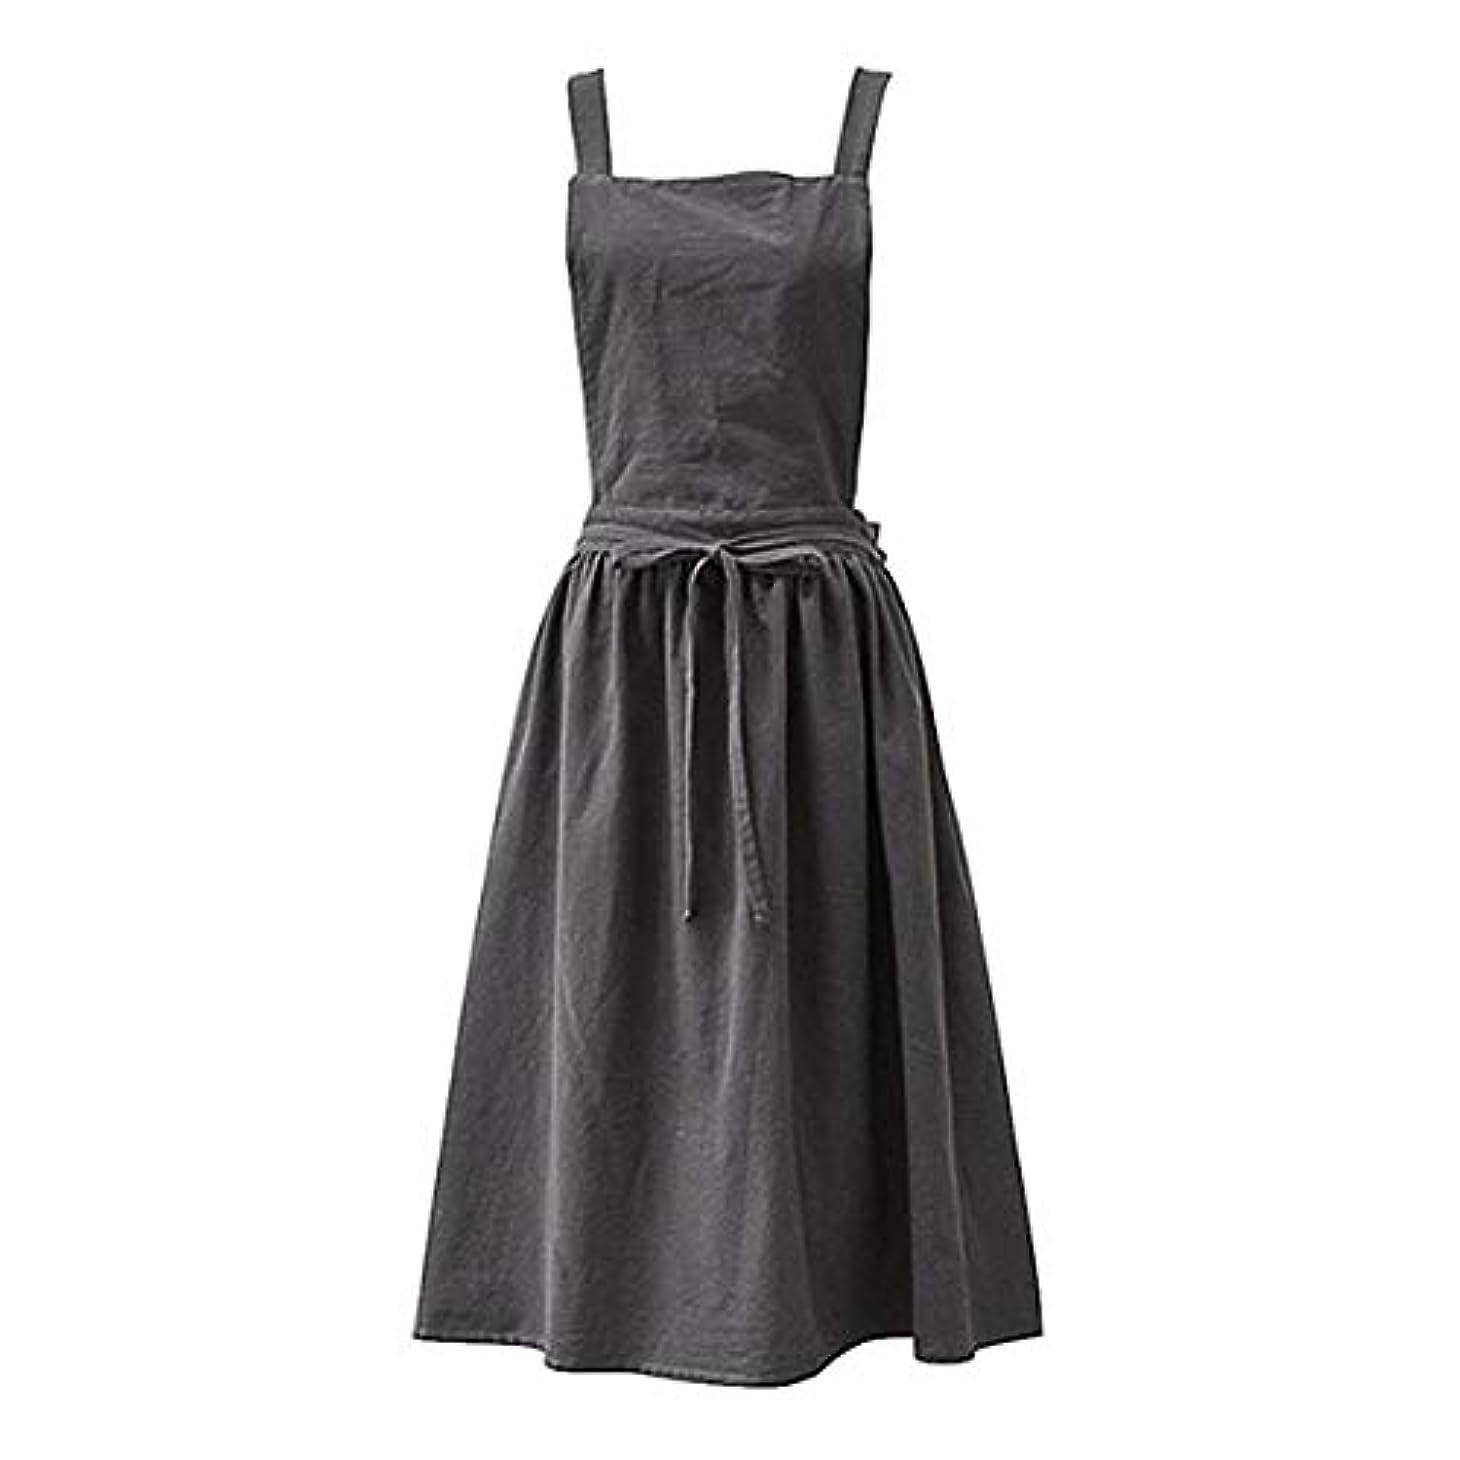 長椅子義務器官Aprons for the Kitchen Simple Washed Cotton Uniform Aprons for Woman Kitchen apron Cooking Coffee Shop apron for...